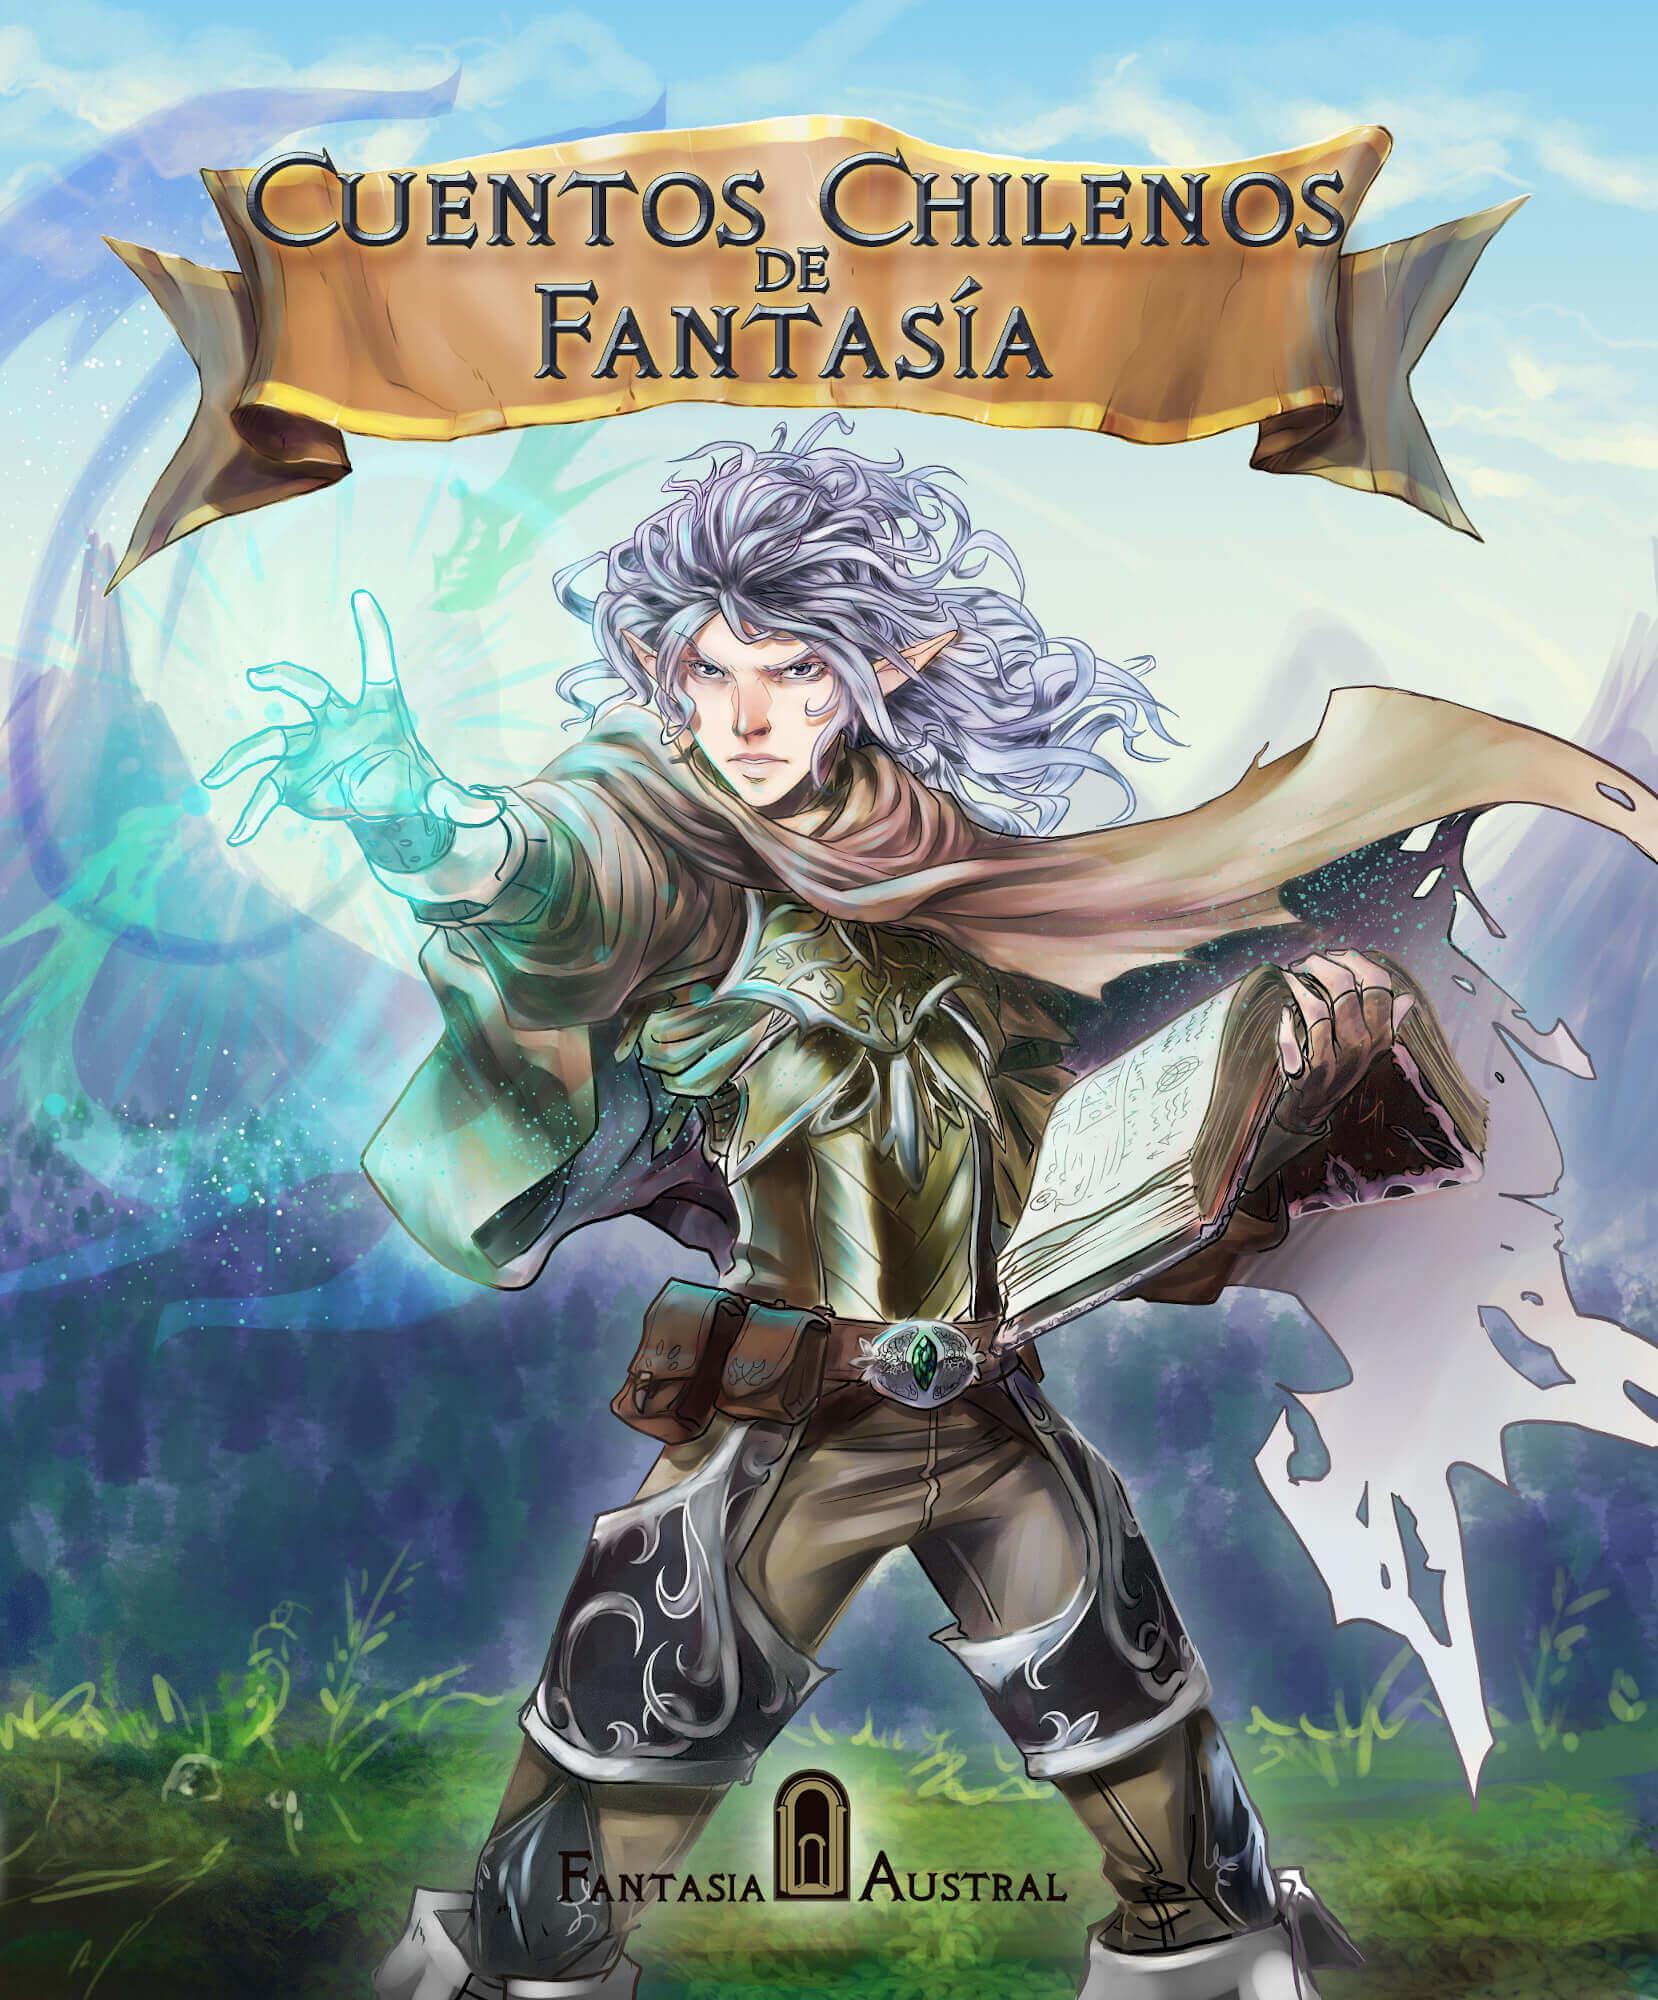 Cuentos chilenos de fantasía